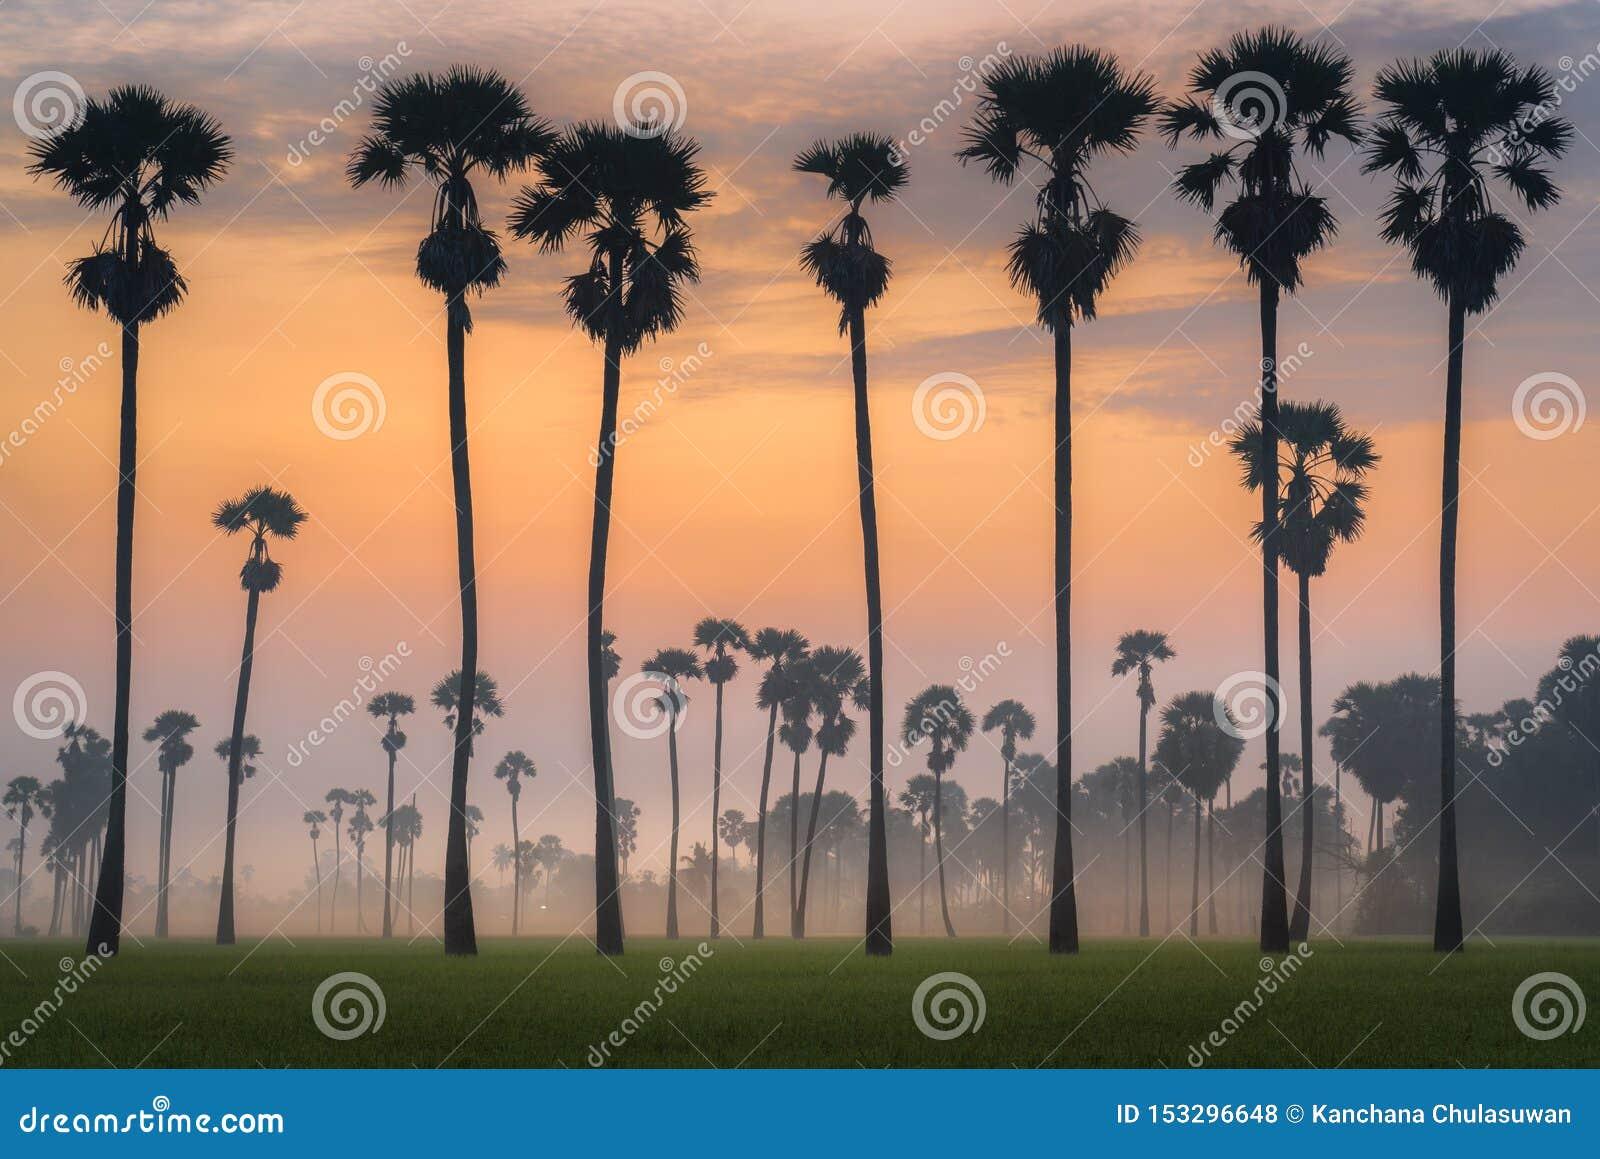 Silhueta da palma de palmyra